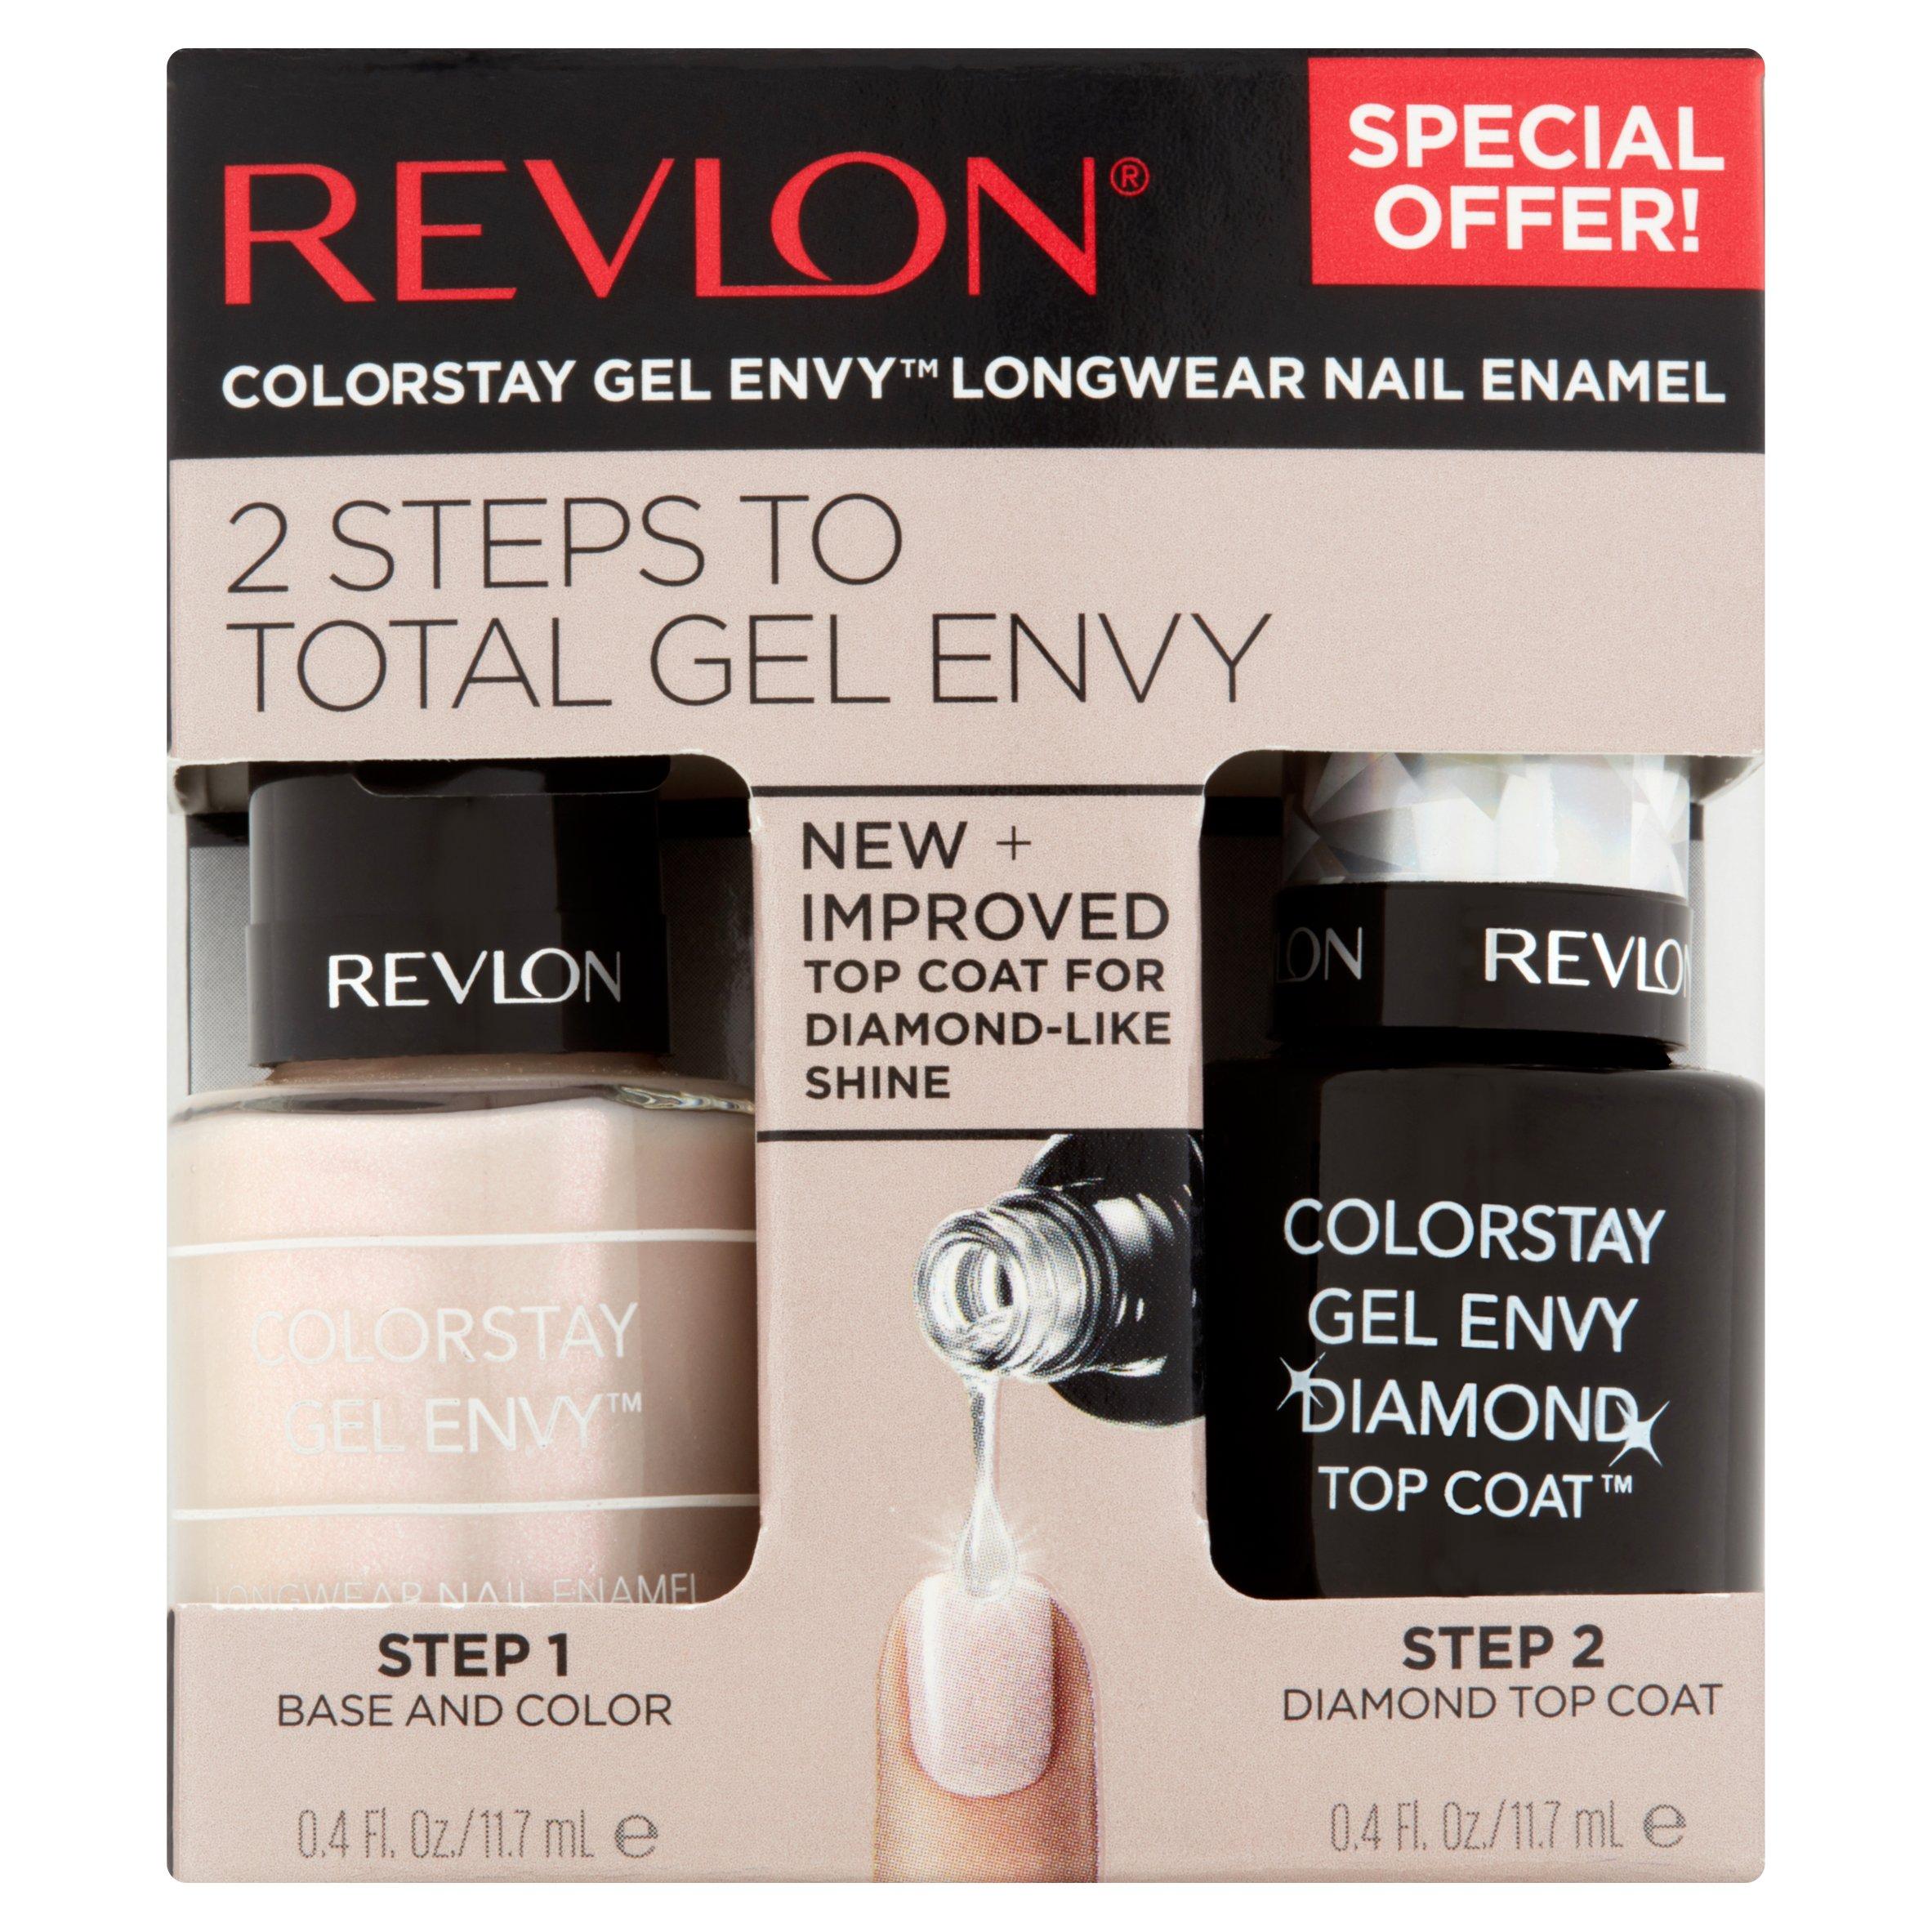 Revlon beginner's luck 730 colorstay gel envy longwear nail enamel